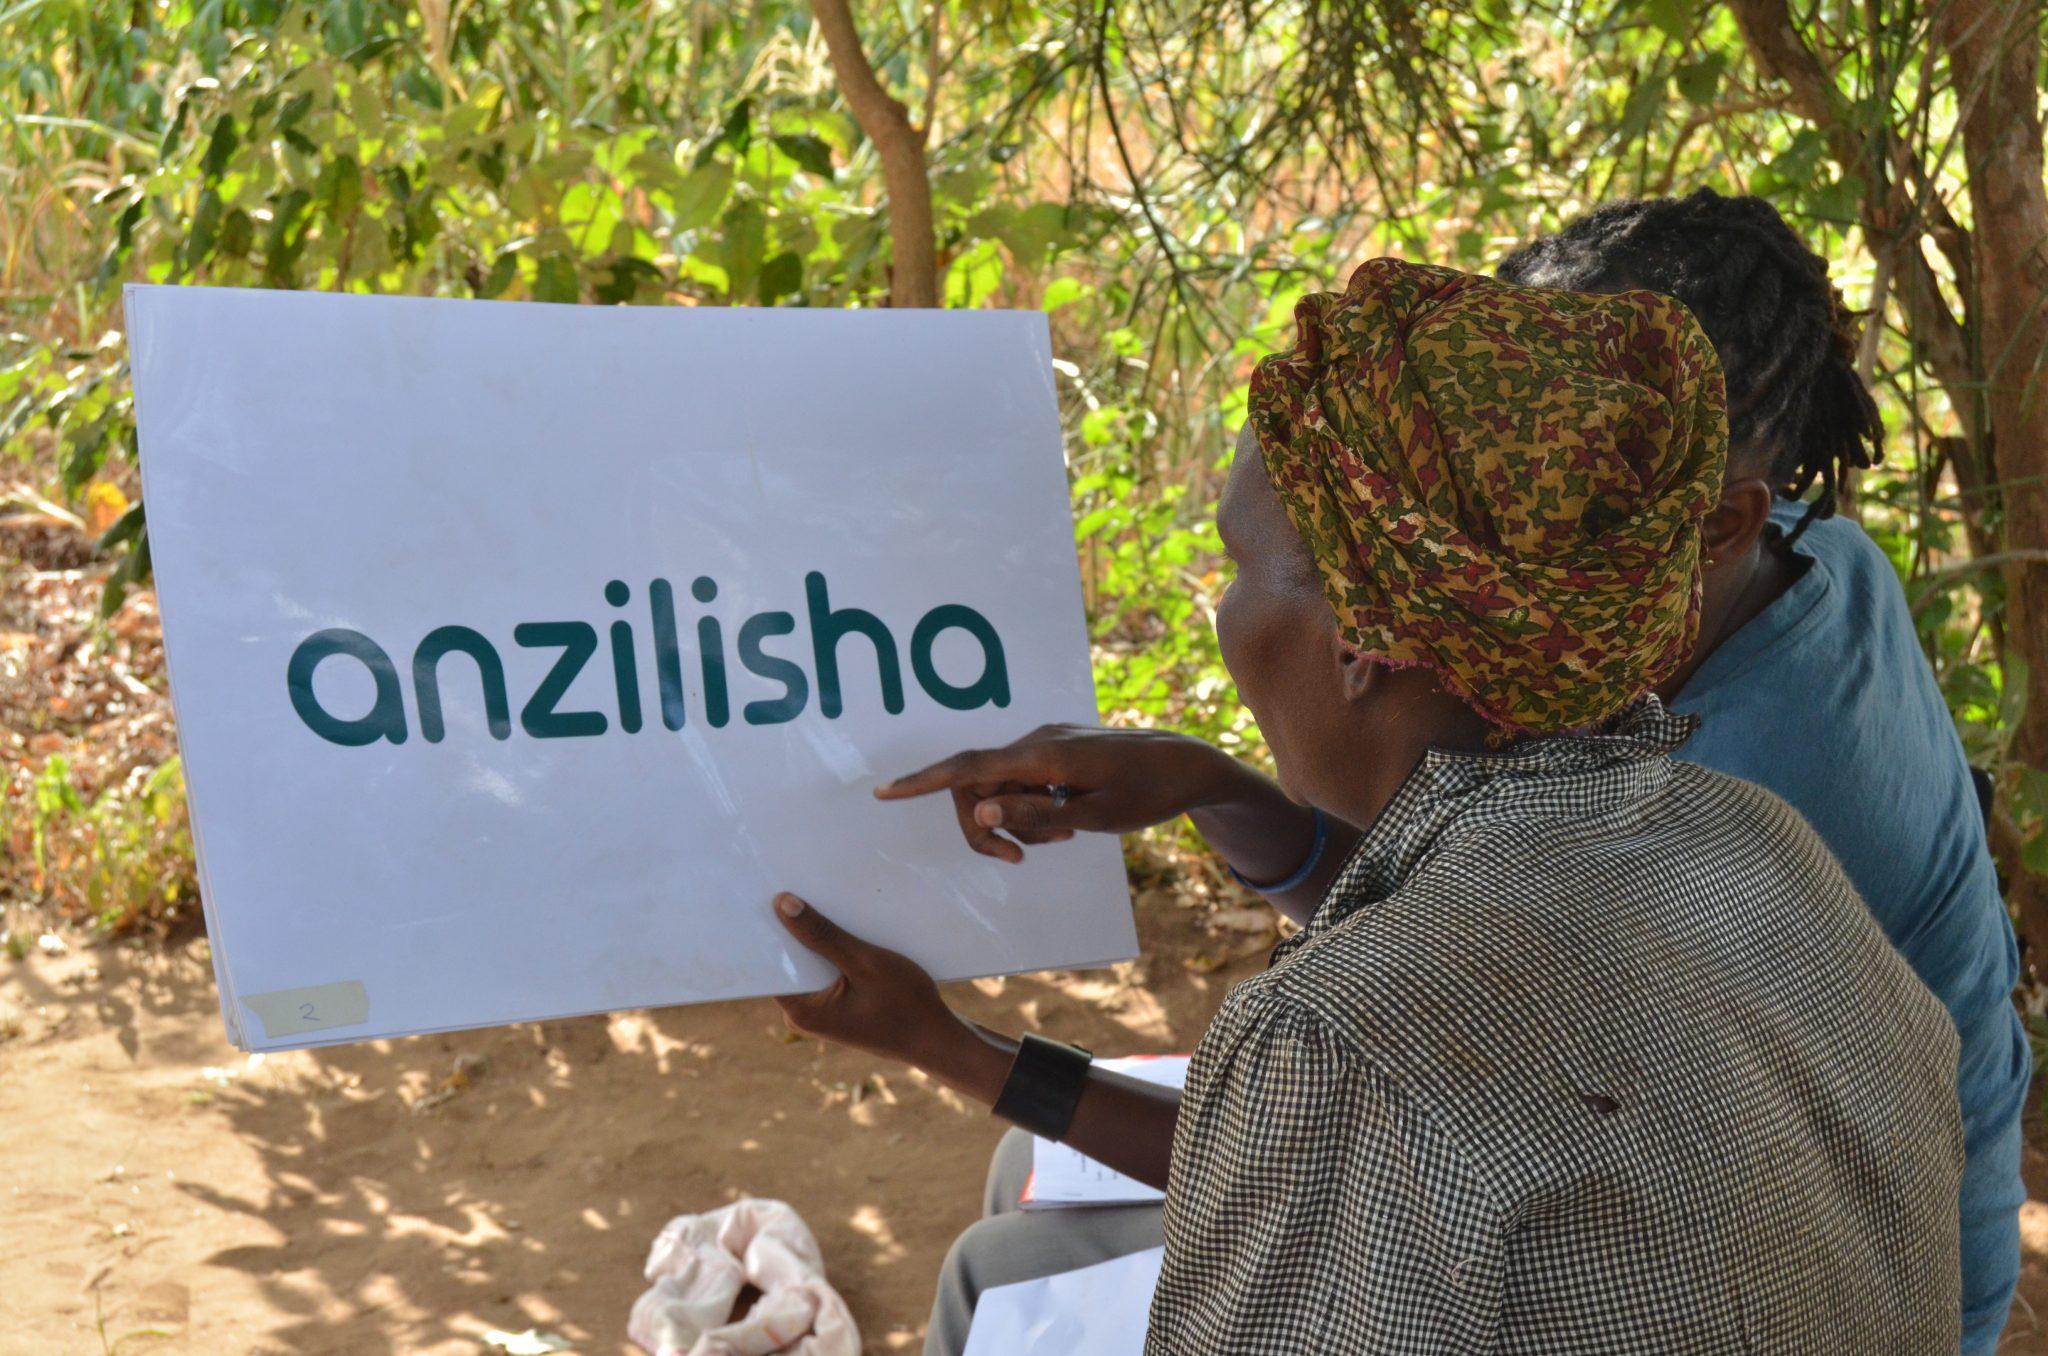 Anzilisha